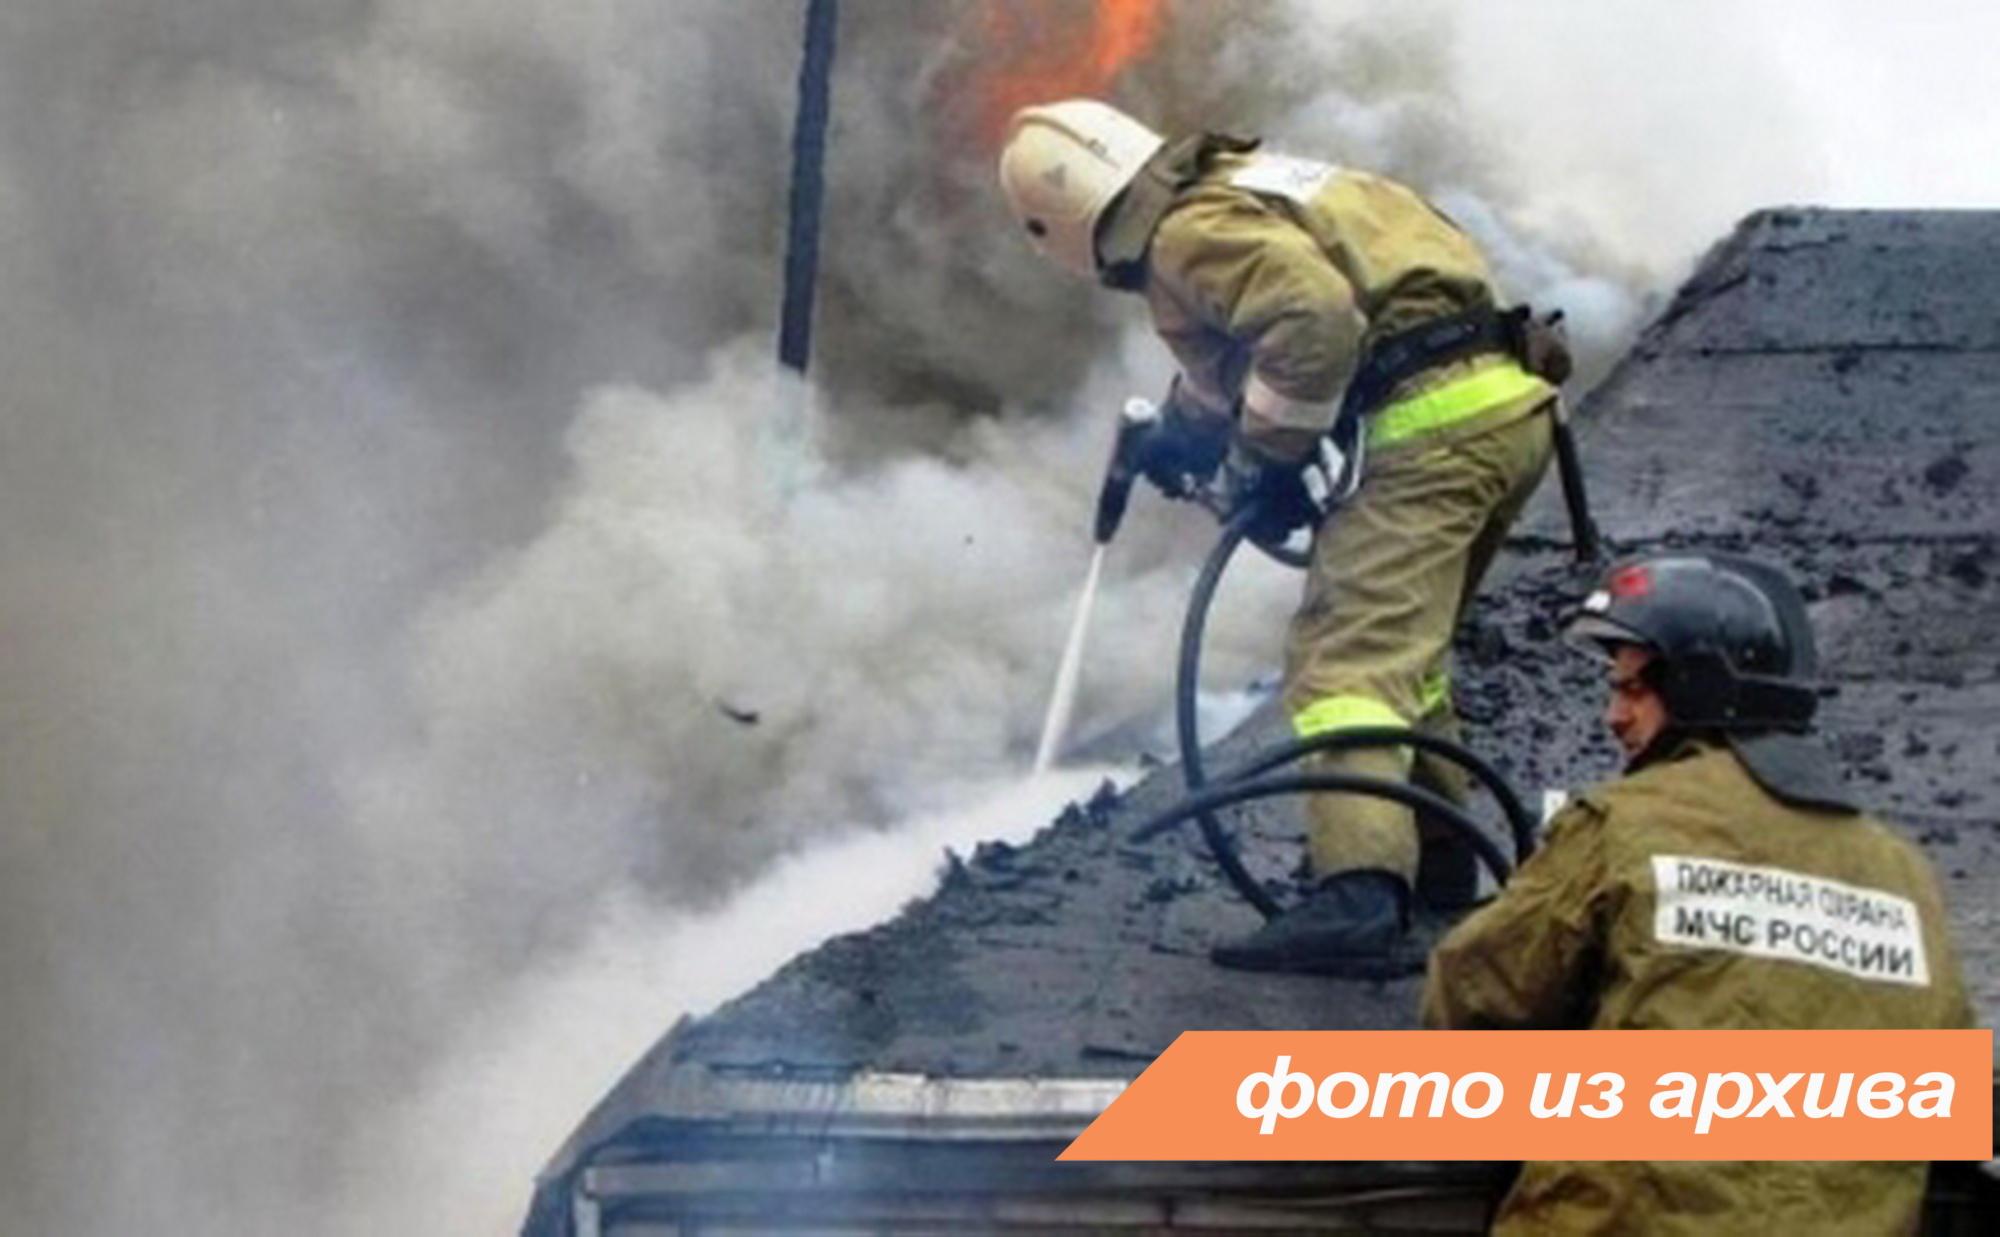 Пожарно-спасательное подразделение Ленинградской области ликвидировало пожар в Волосовском районе